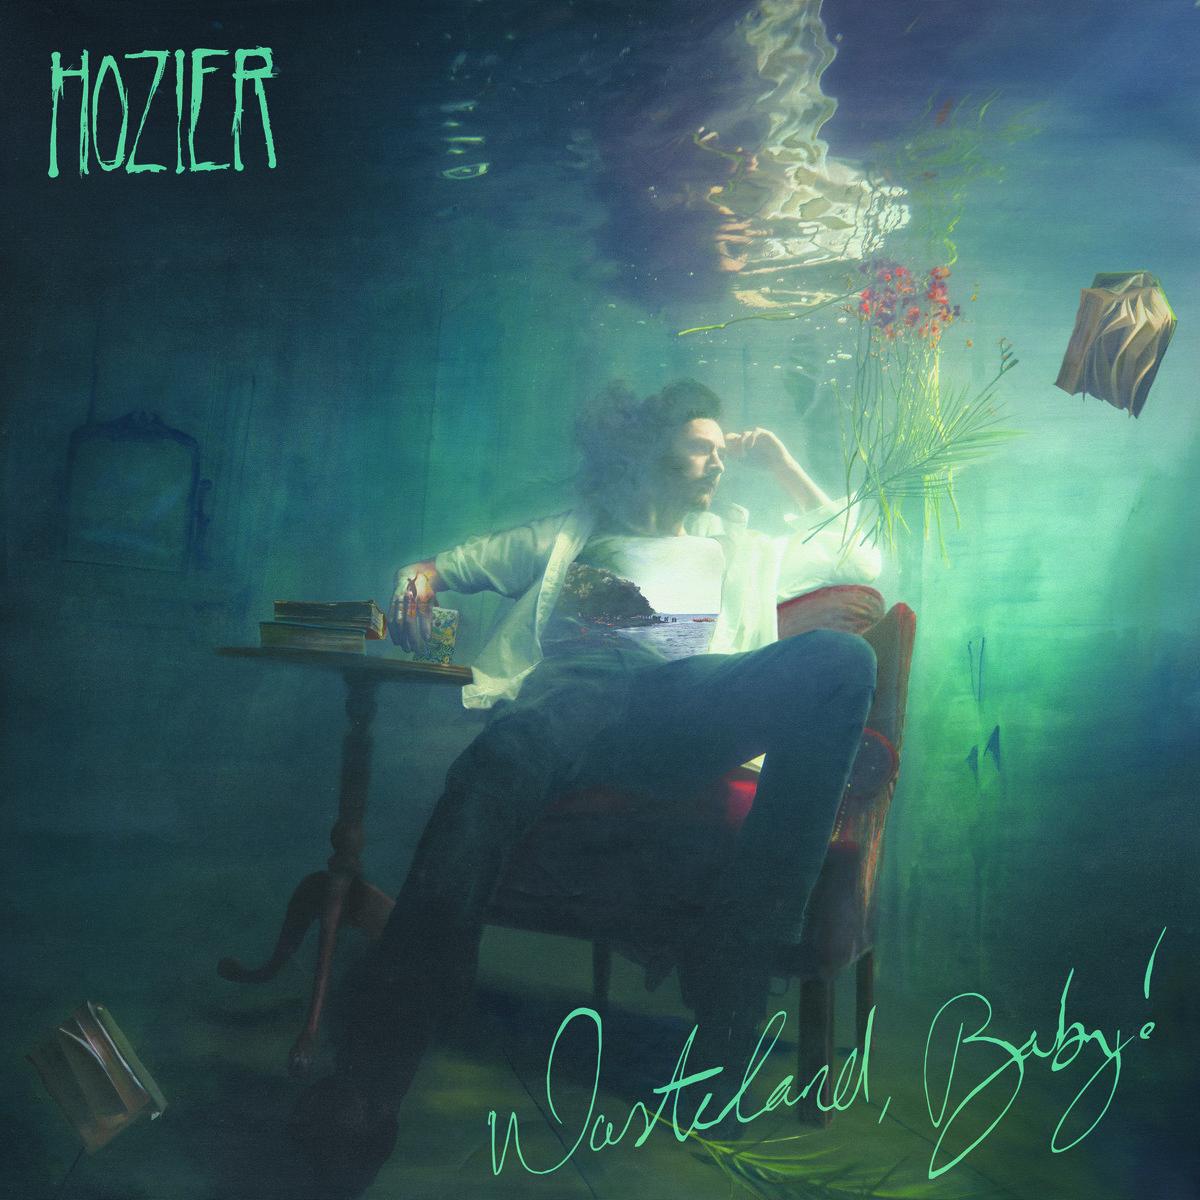 Hozier-Wasteland, Baby!